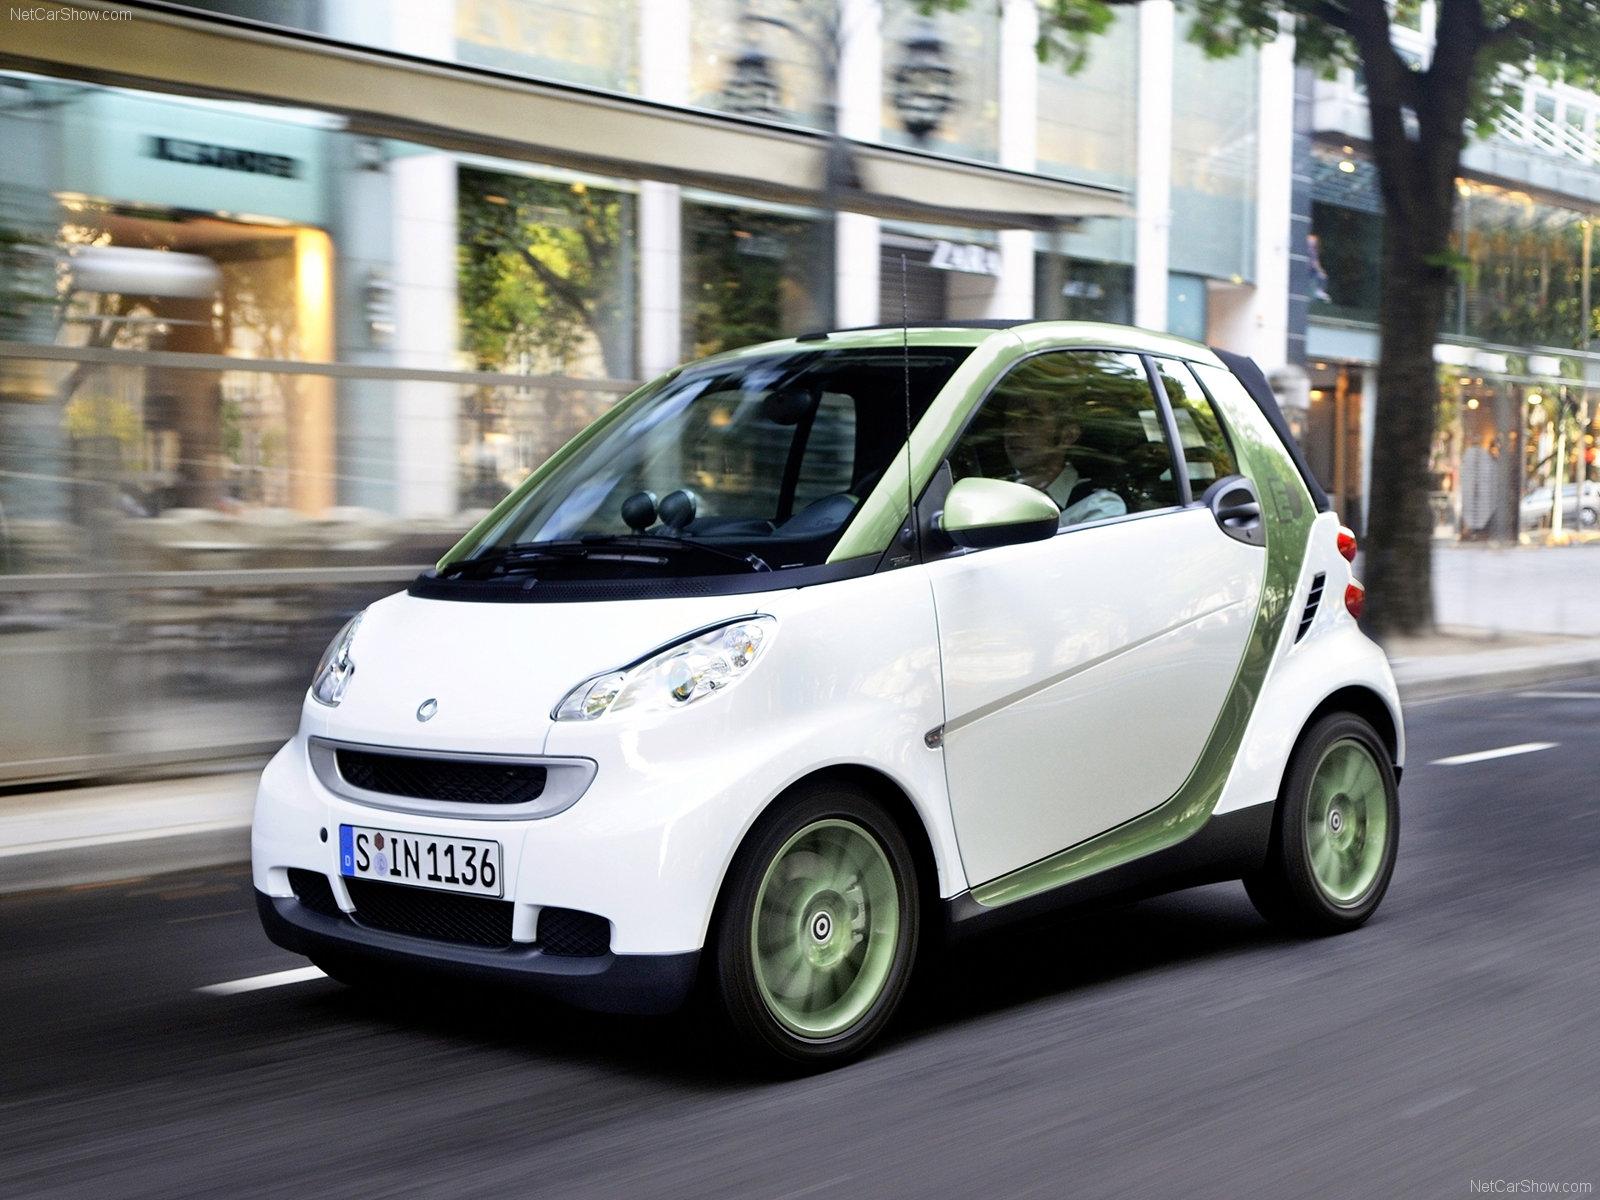 Hình ảnh xe ô tô Smart fortwo electric drive 2010 & nội ngoại thất